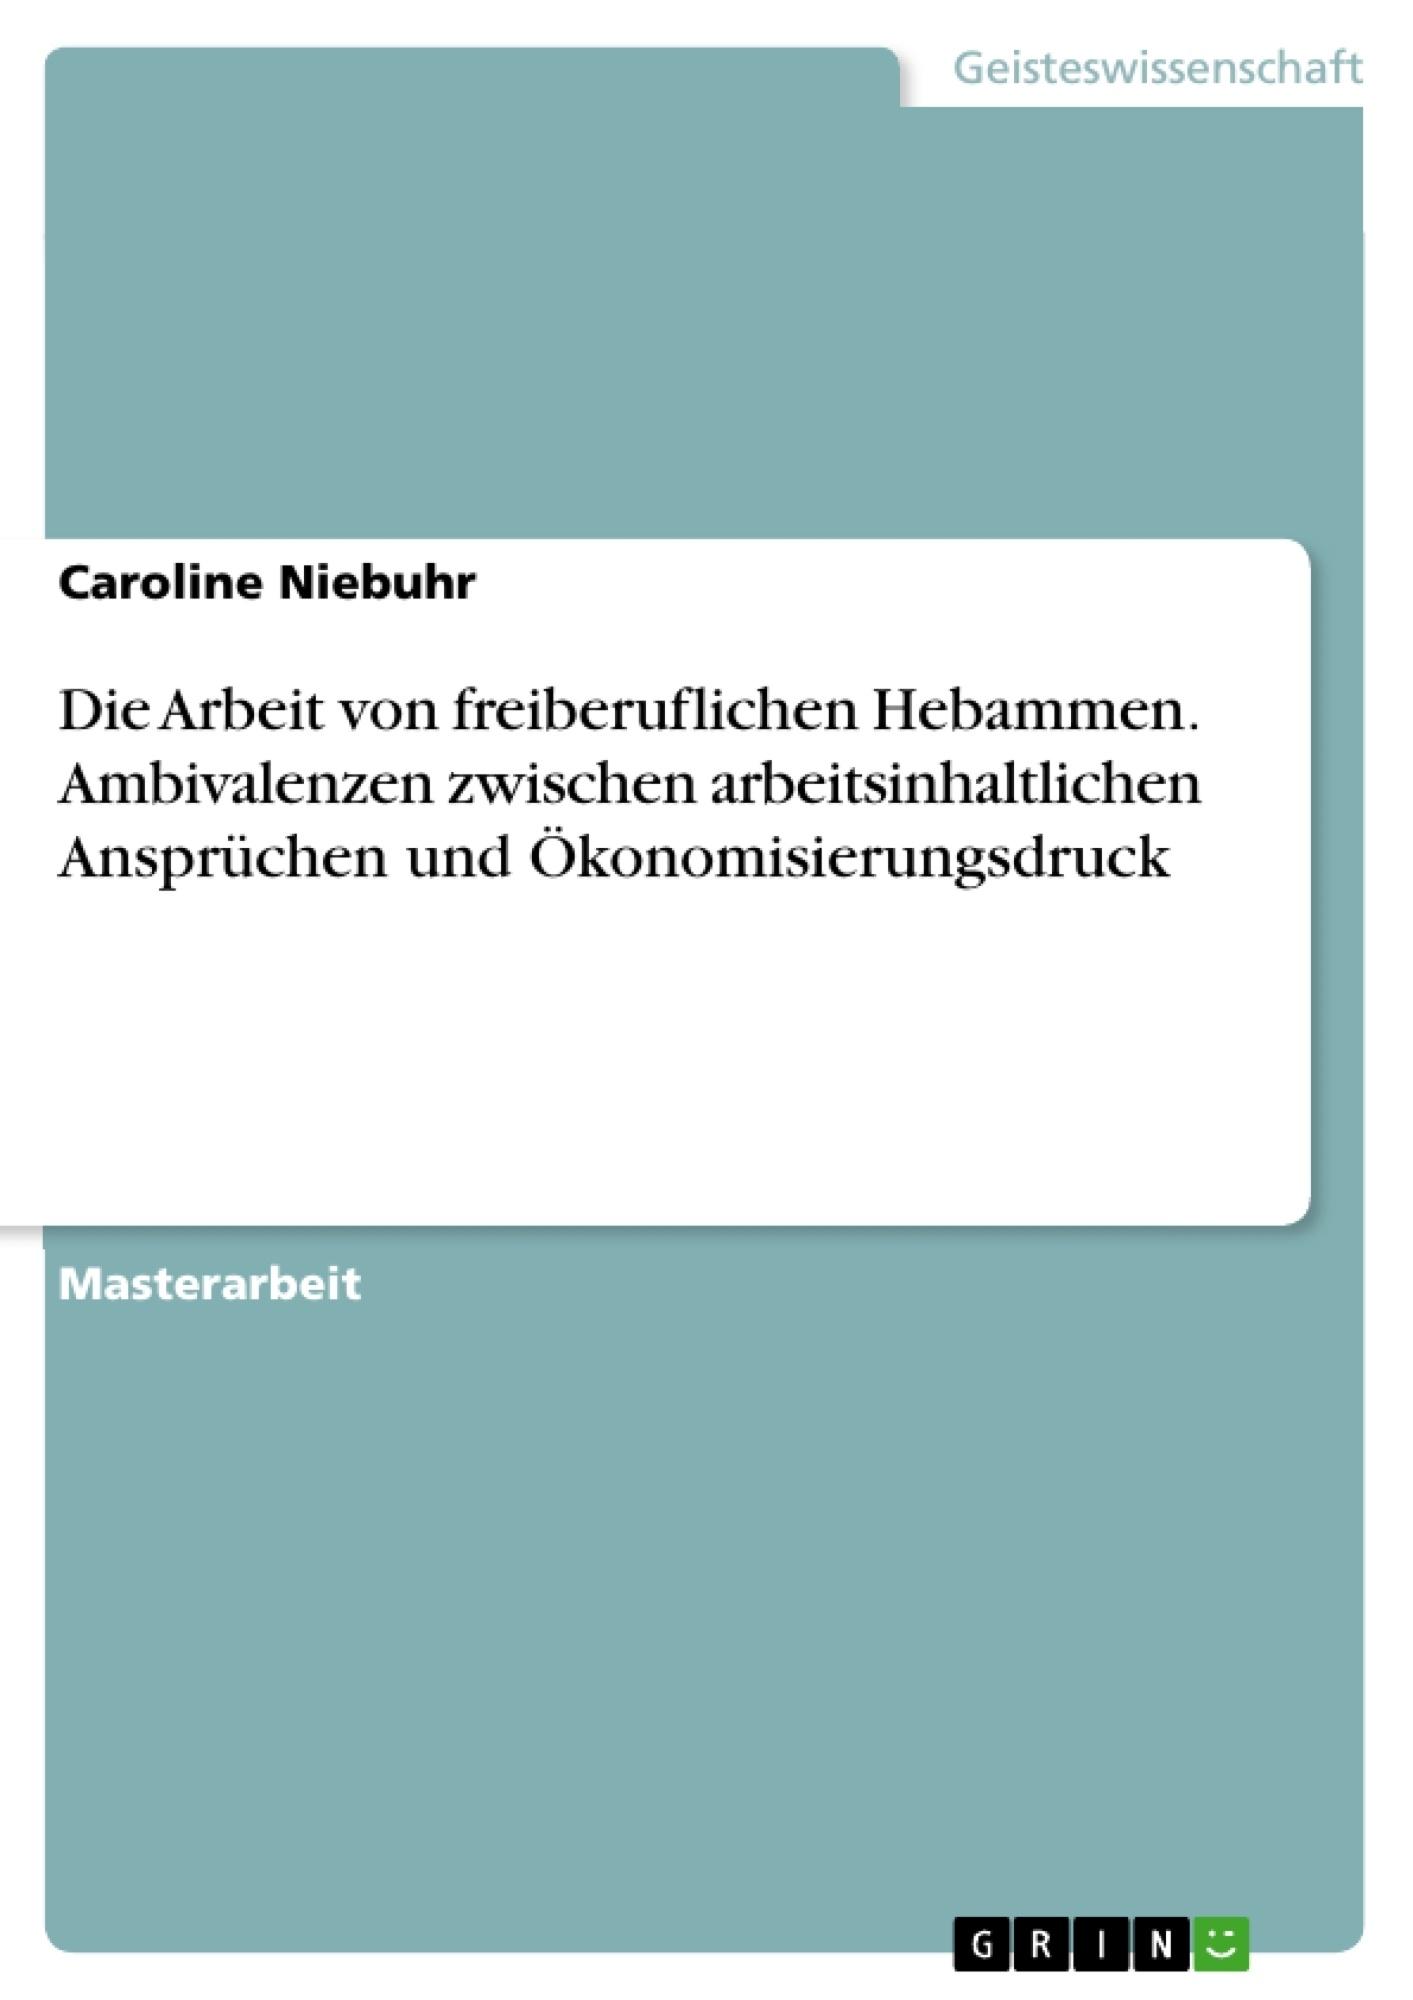 Titel: Die Arbeit von freiberuflichen Hebammen. Ambivalenzen zwischen arbeitsinhaltlichen Ansprüchen und Ökonomisierungsdruck